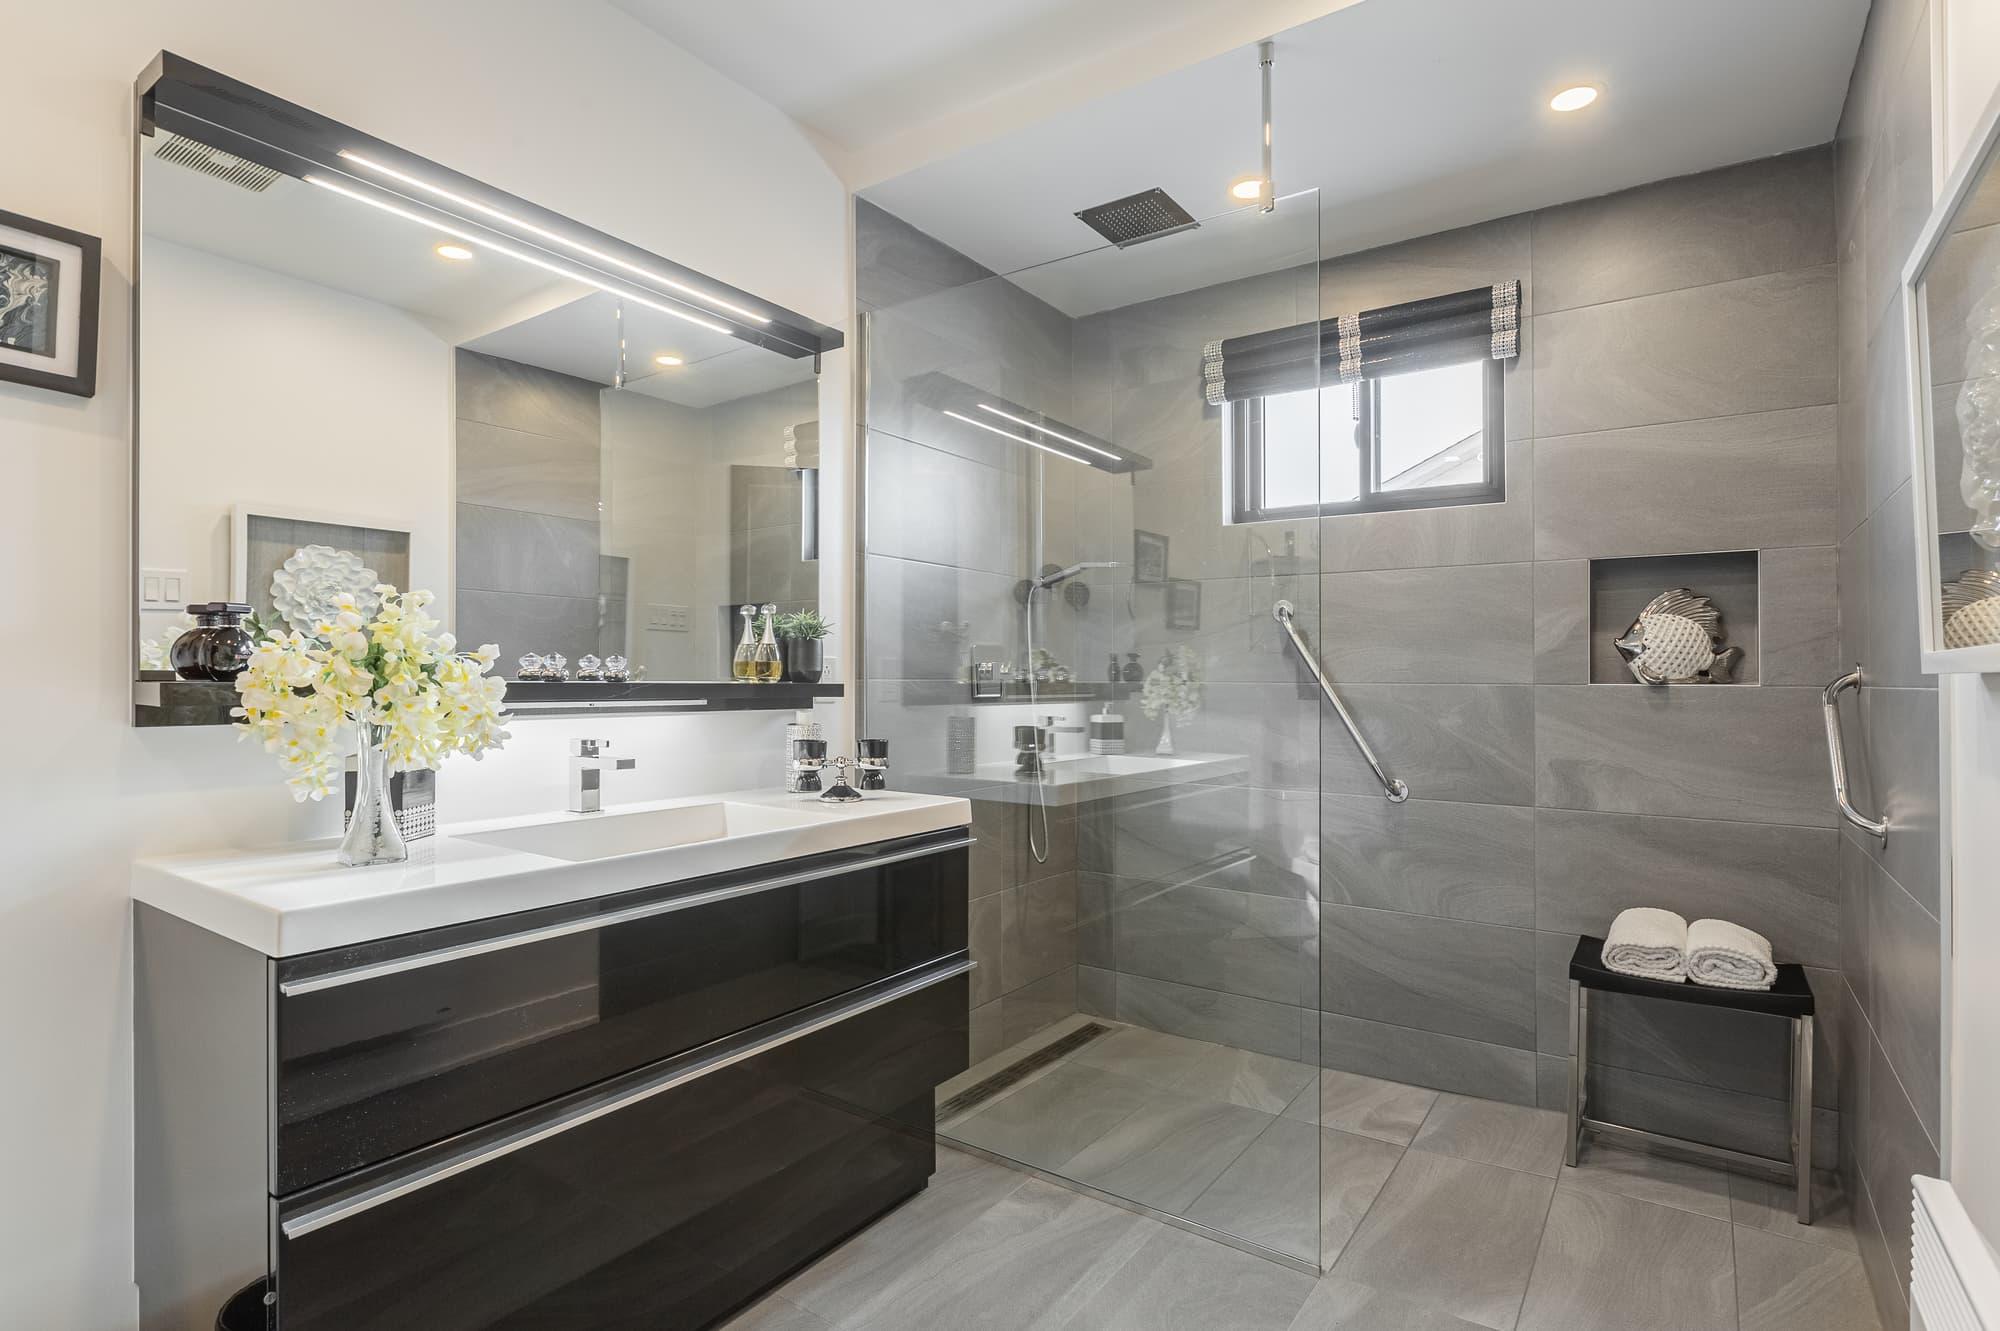 rénovation d'une salle de bain adaptée avec barres dans la douche pour handicapés